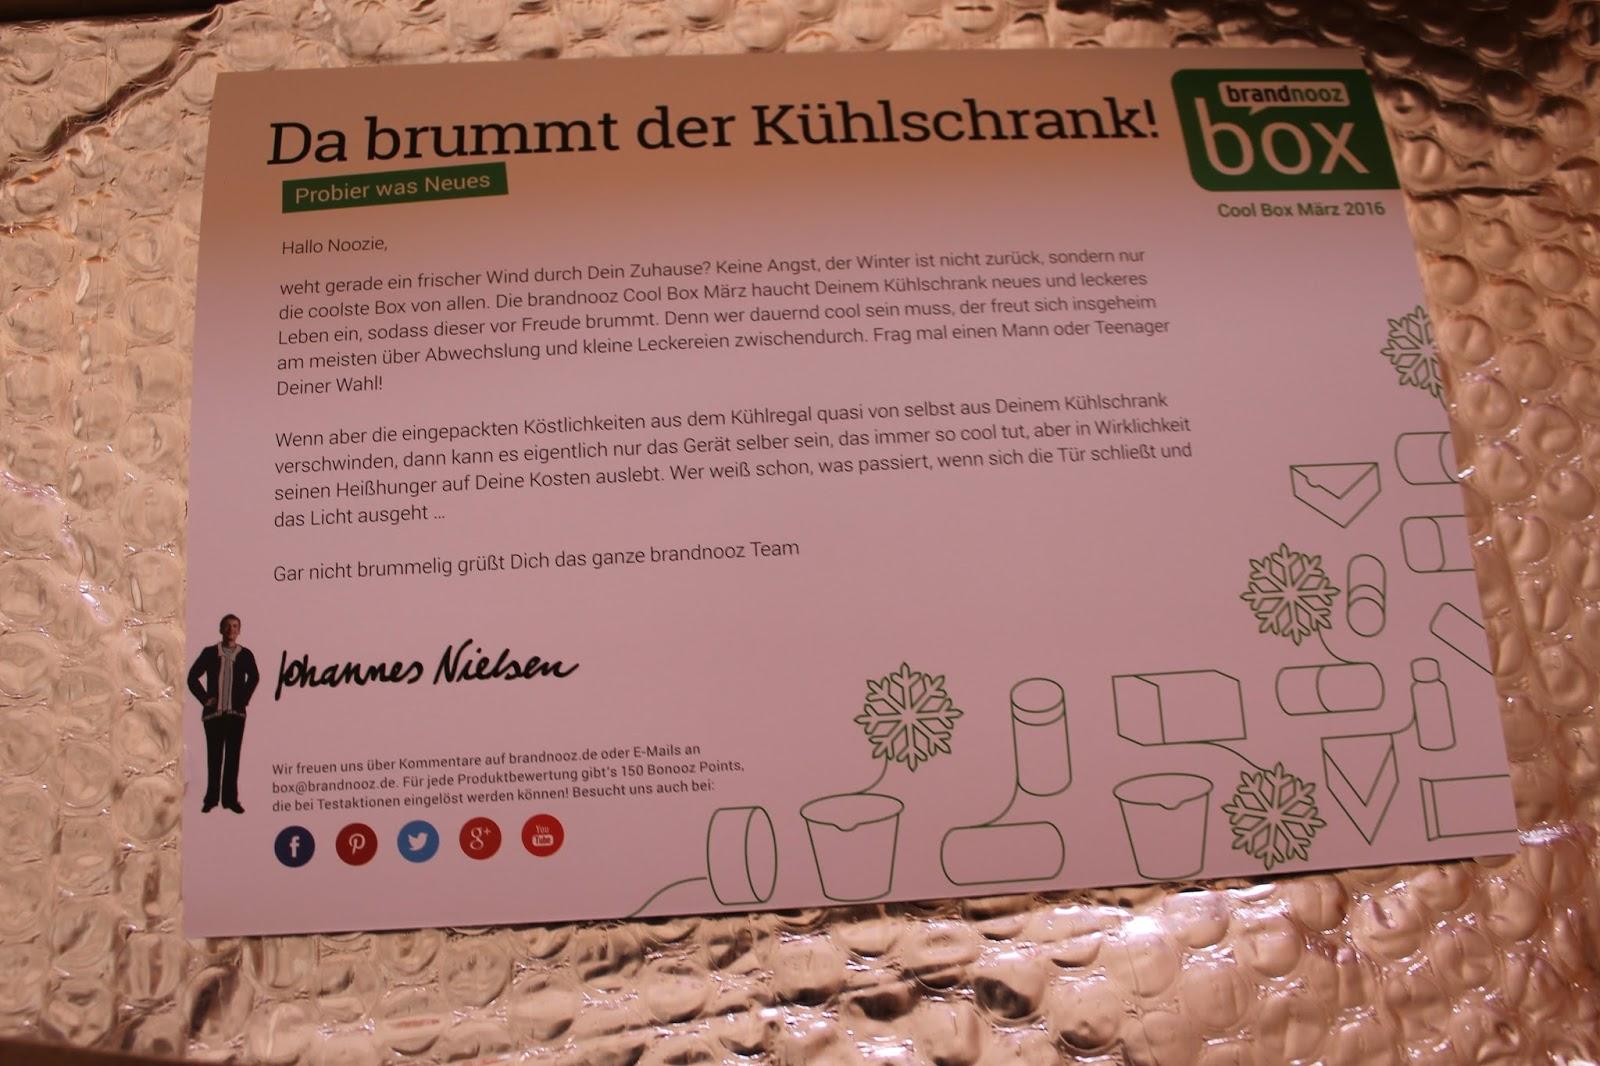 Bosch Kühlschrank Brummt : Kühlschrank brummt ~ möbel design idee für sie u003eu003e latofu.com